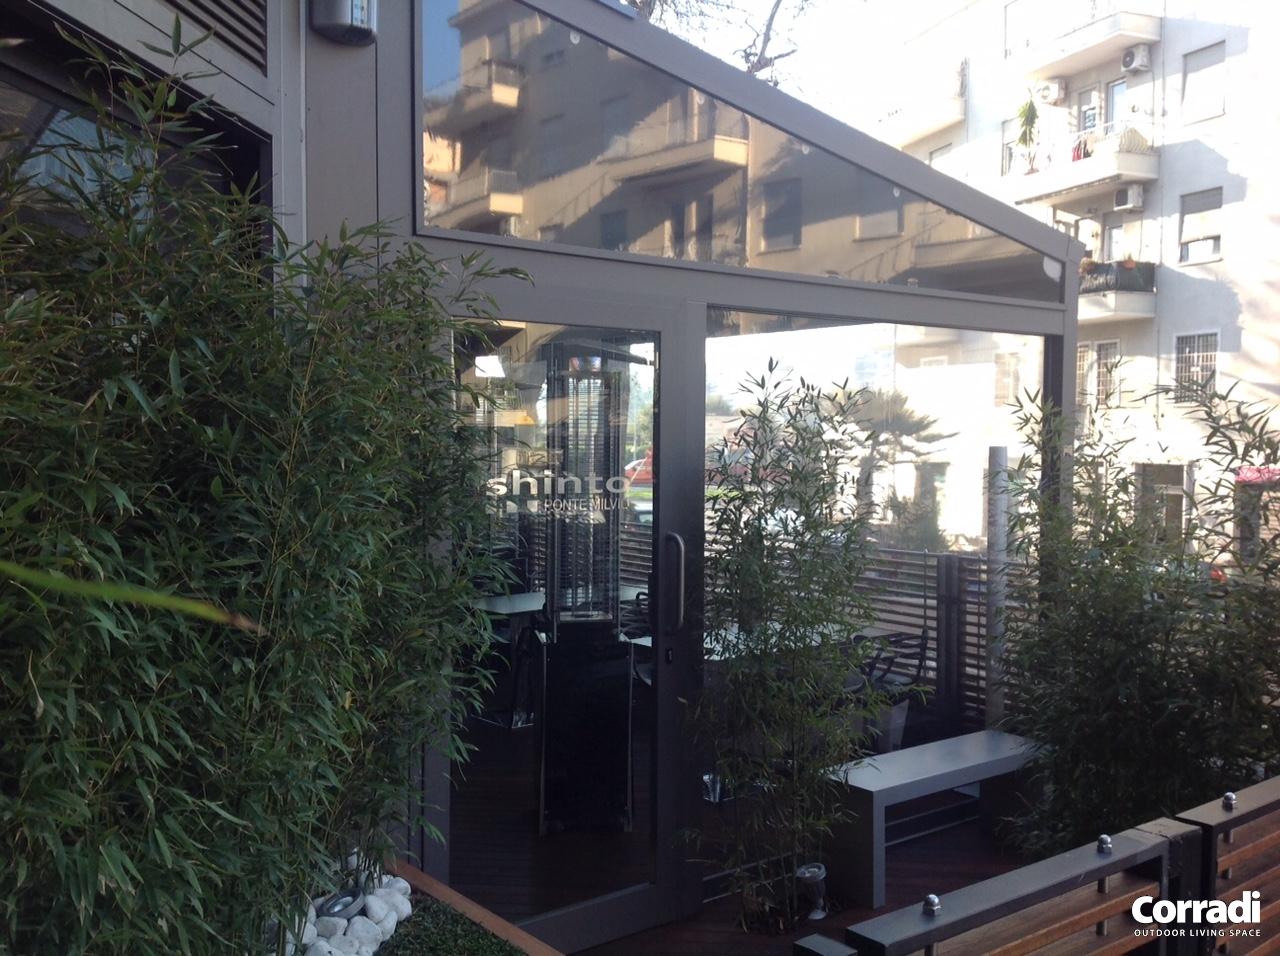 Pergotenda Casa Corradi per Shinto